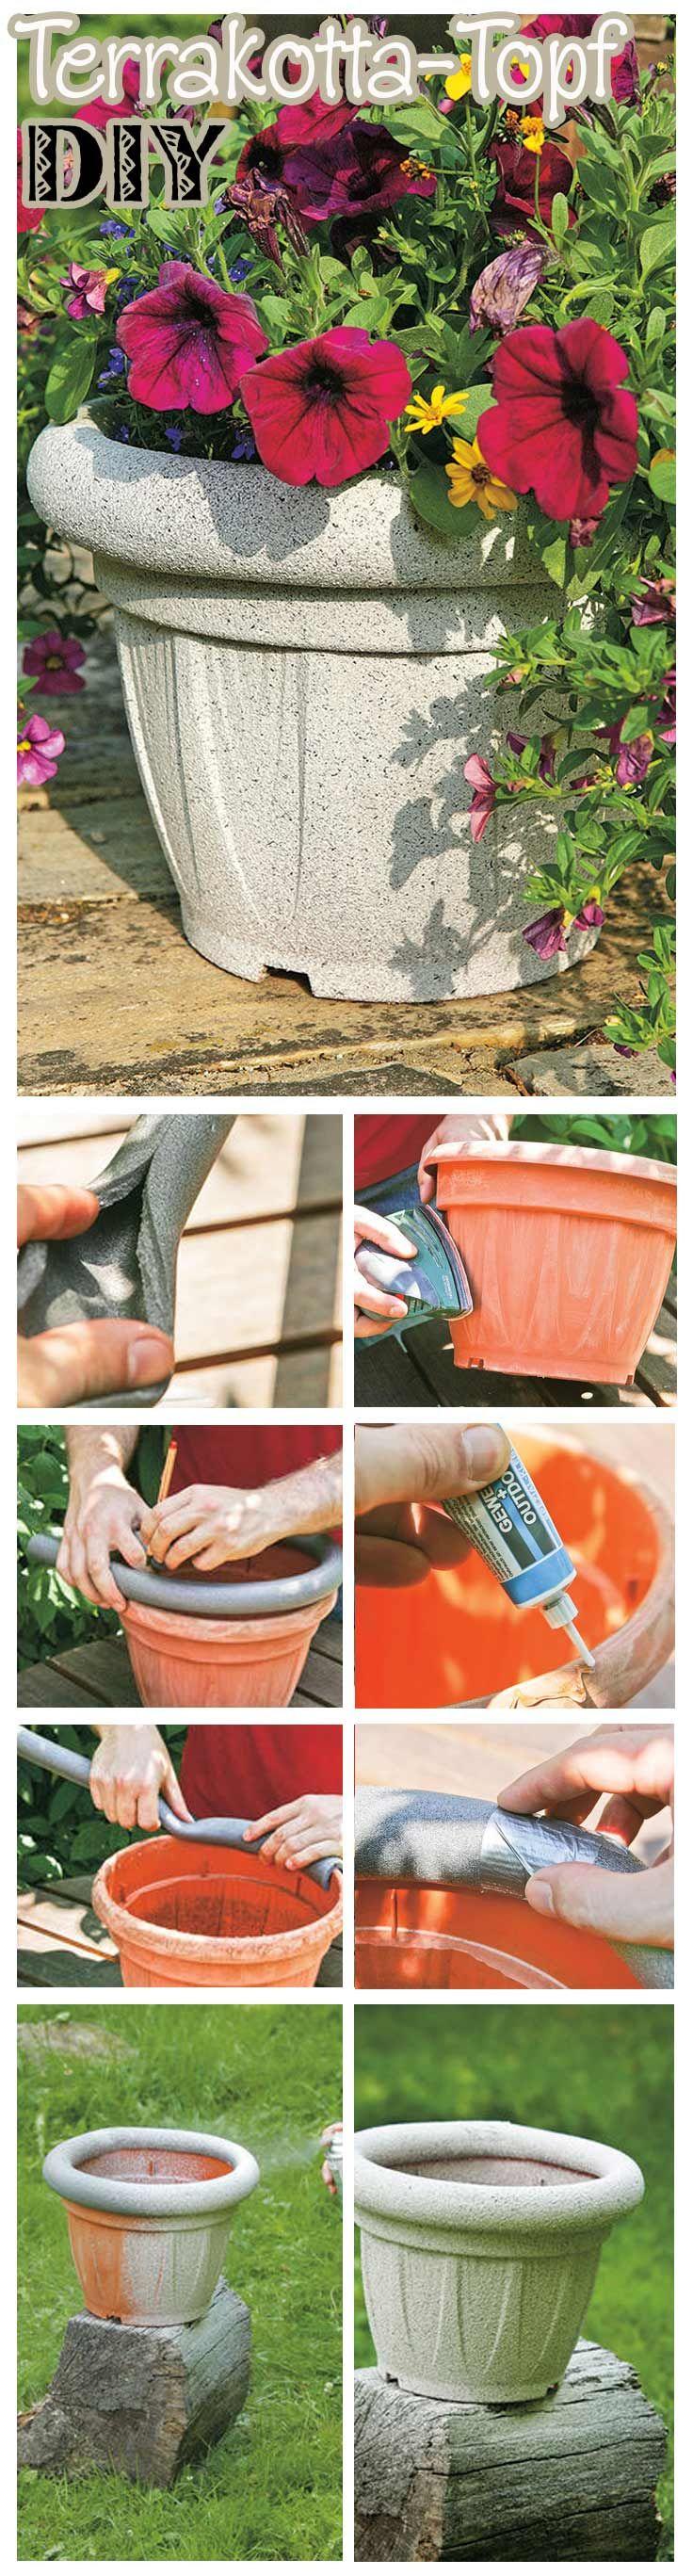 Aus einem simplen Kunststoff-Übertopf für Haus oder Garten kann man in wenigen Schritten ein Schmuckstück machen. Für das DIY benötigt man eine Rohrschale für die Heizungsisolierung, Sandpapier oder einen Deltaschleifer, Kleber, Gewebeband und Effektspray. Fertig ist das Terrakotta-Topf-Imitat!